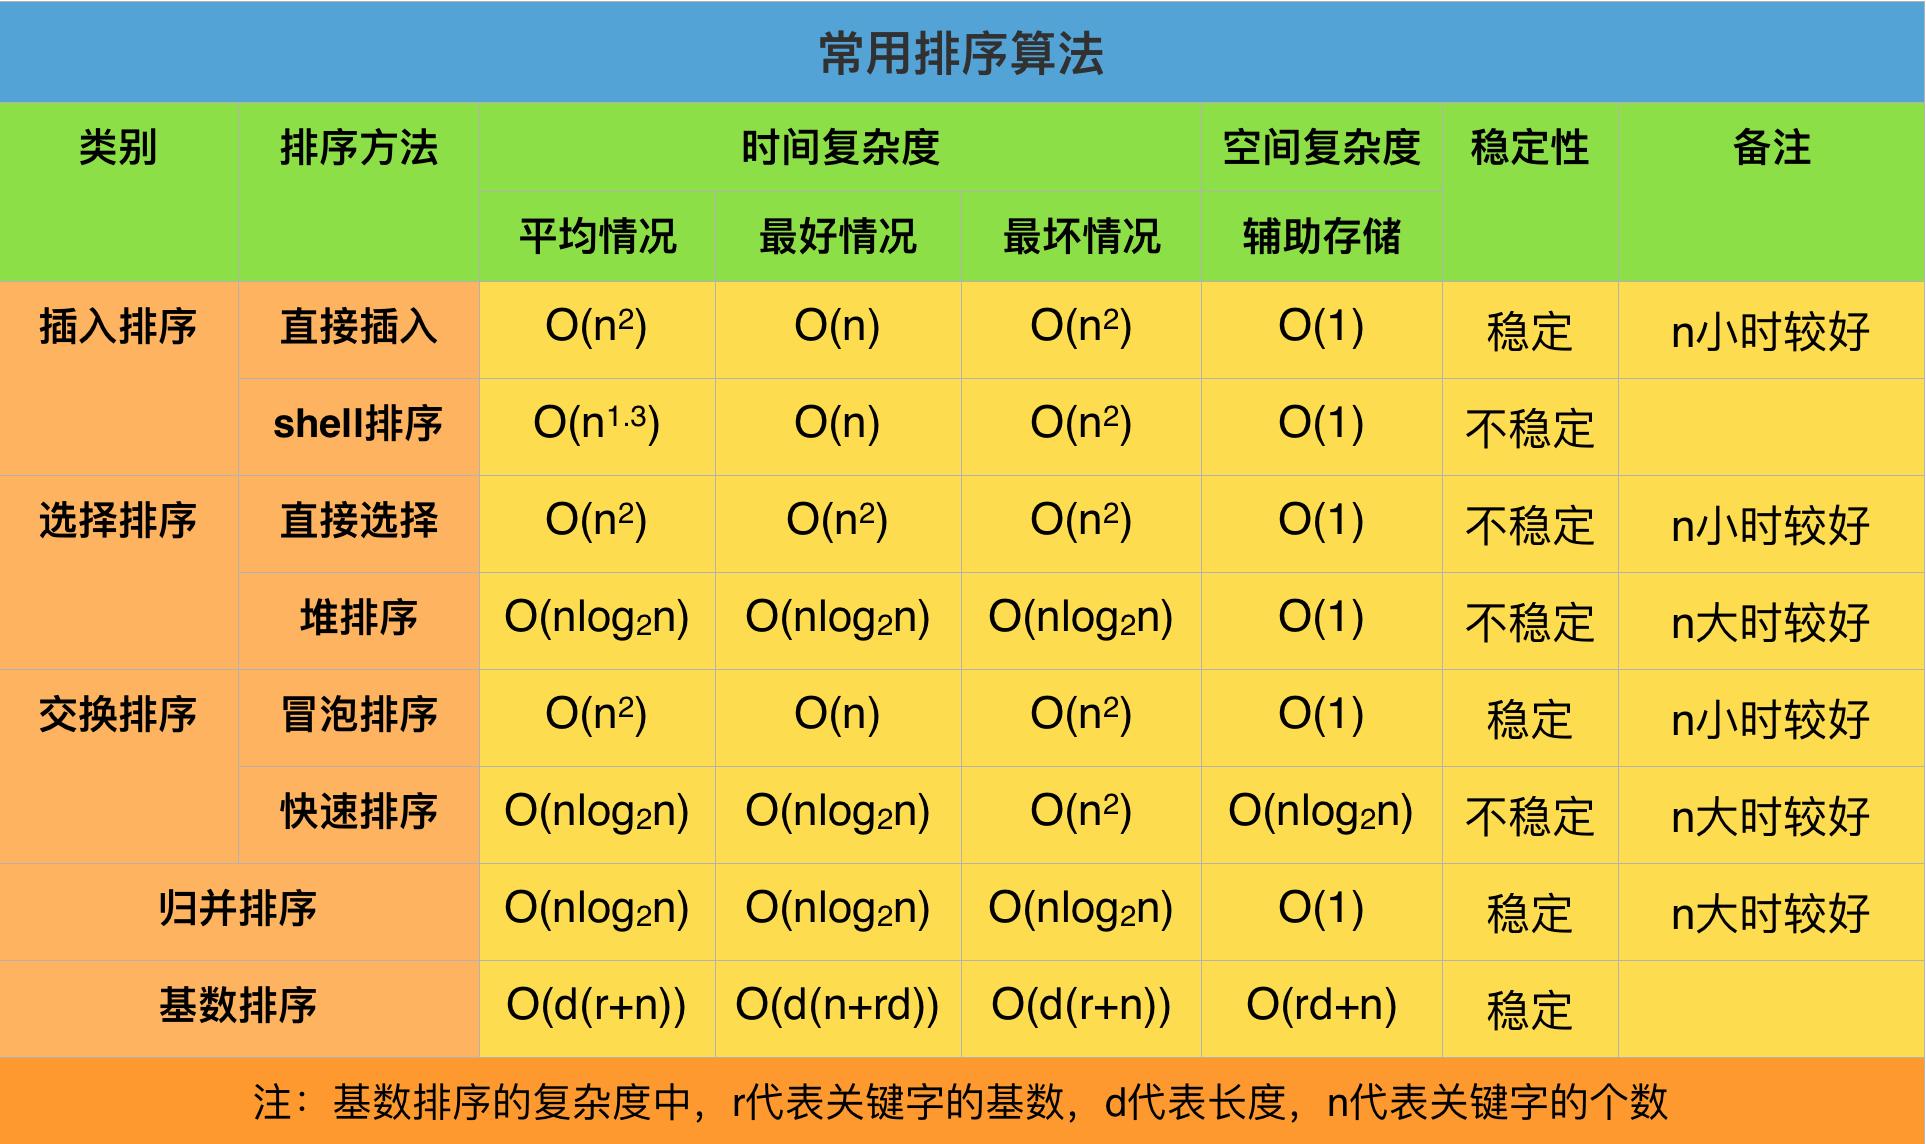 2016-07-15_常用排序算法.png